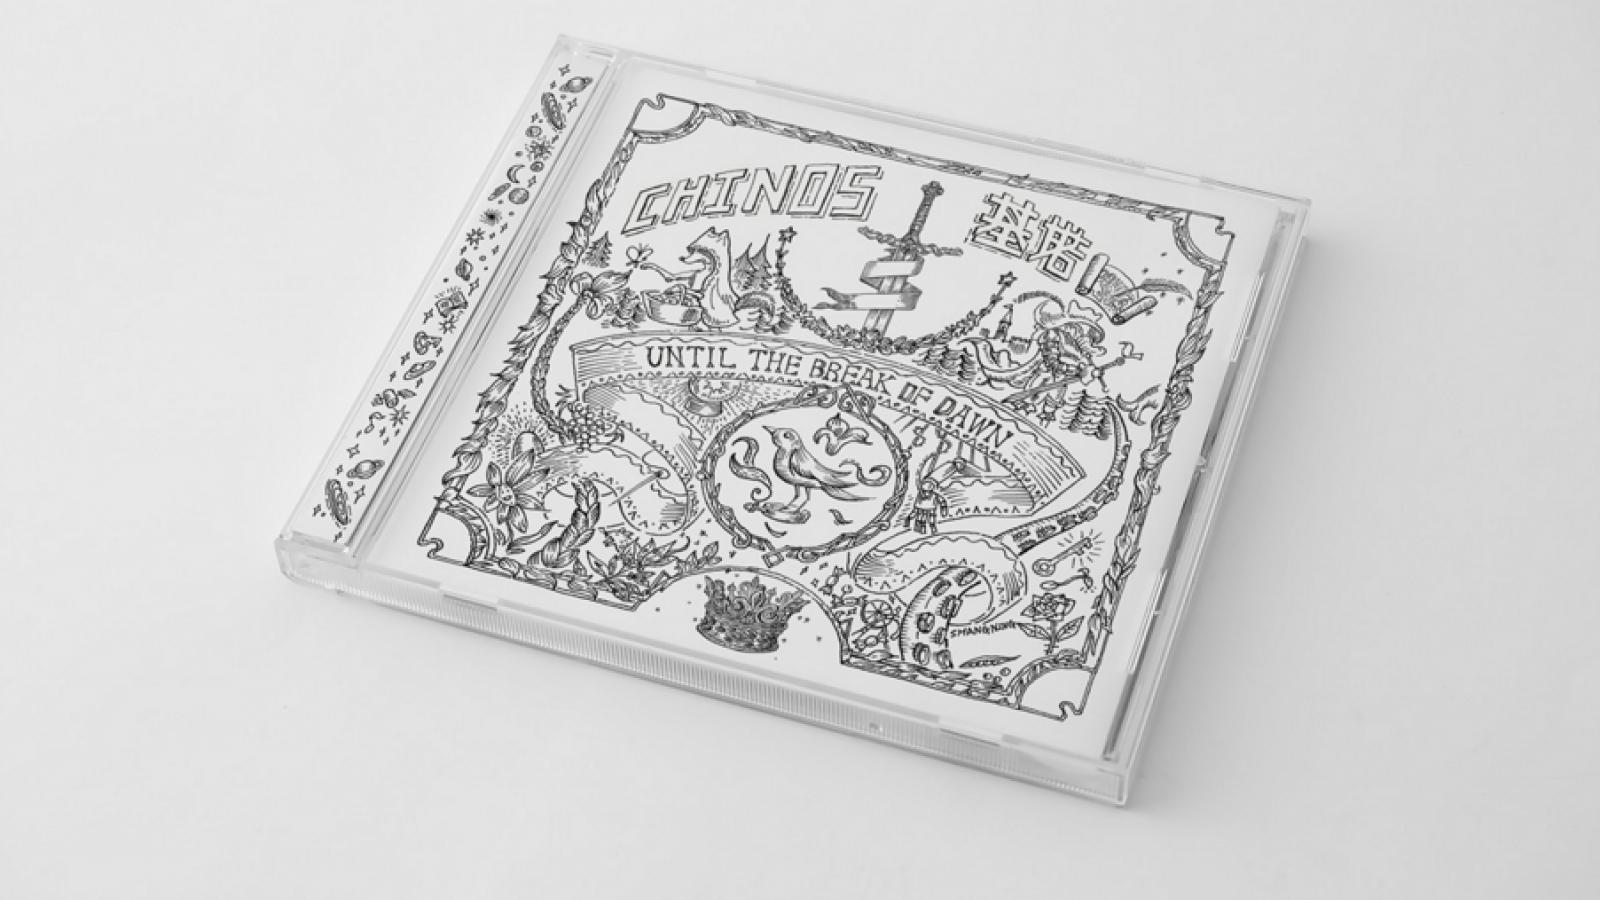 Drawn album cover illustration Abduzeedo Hand Draw Cover Album